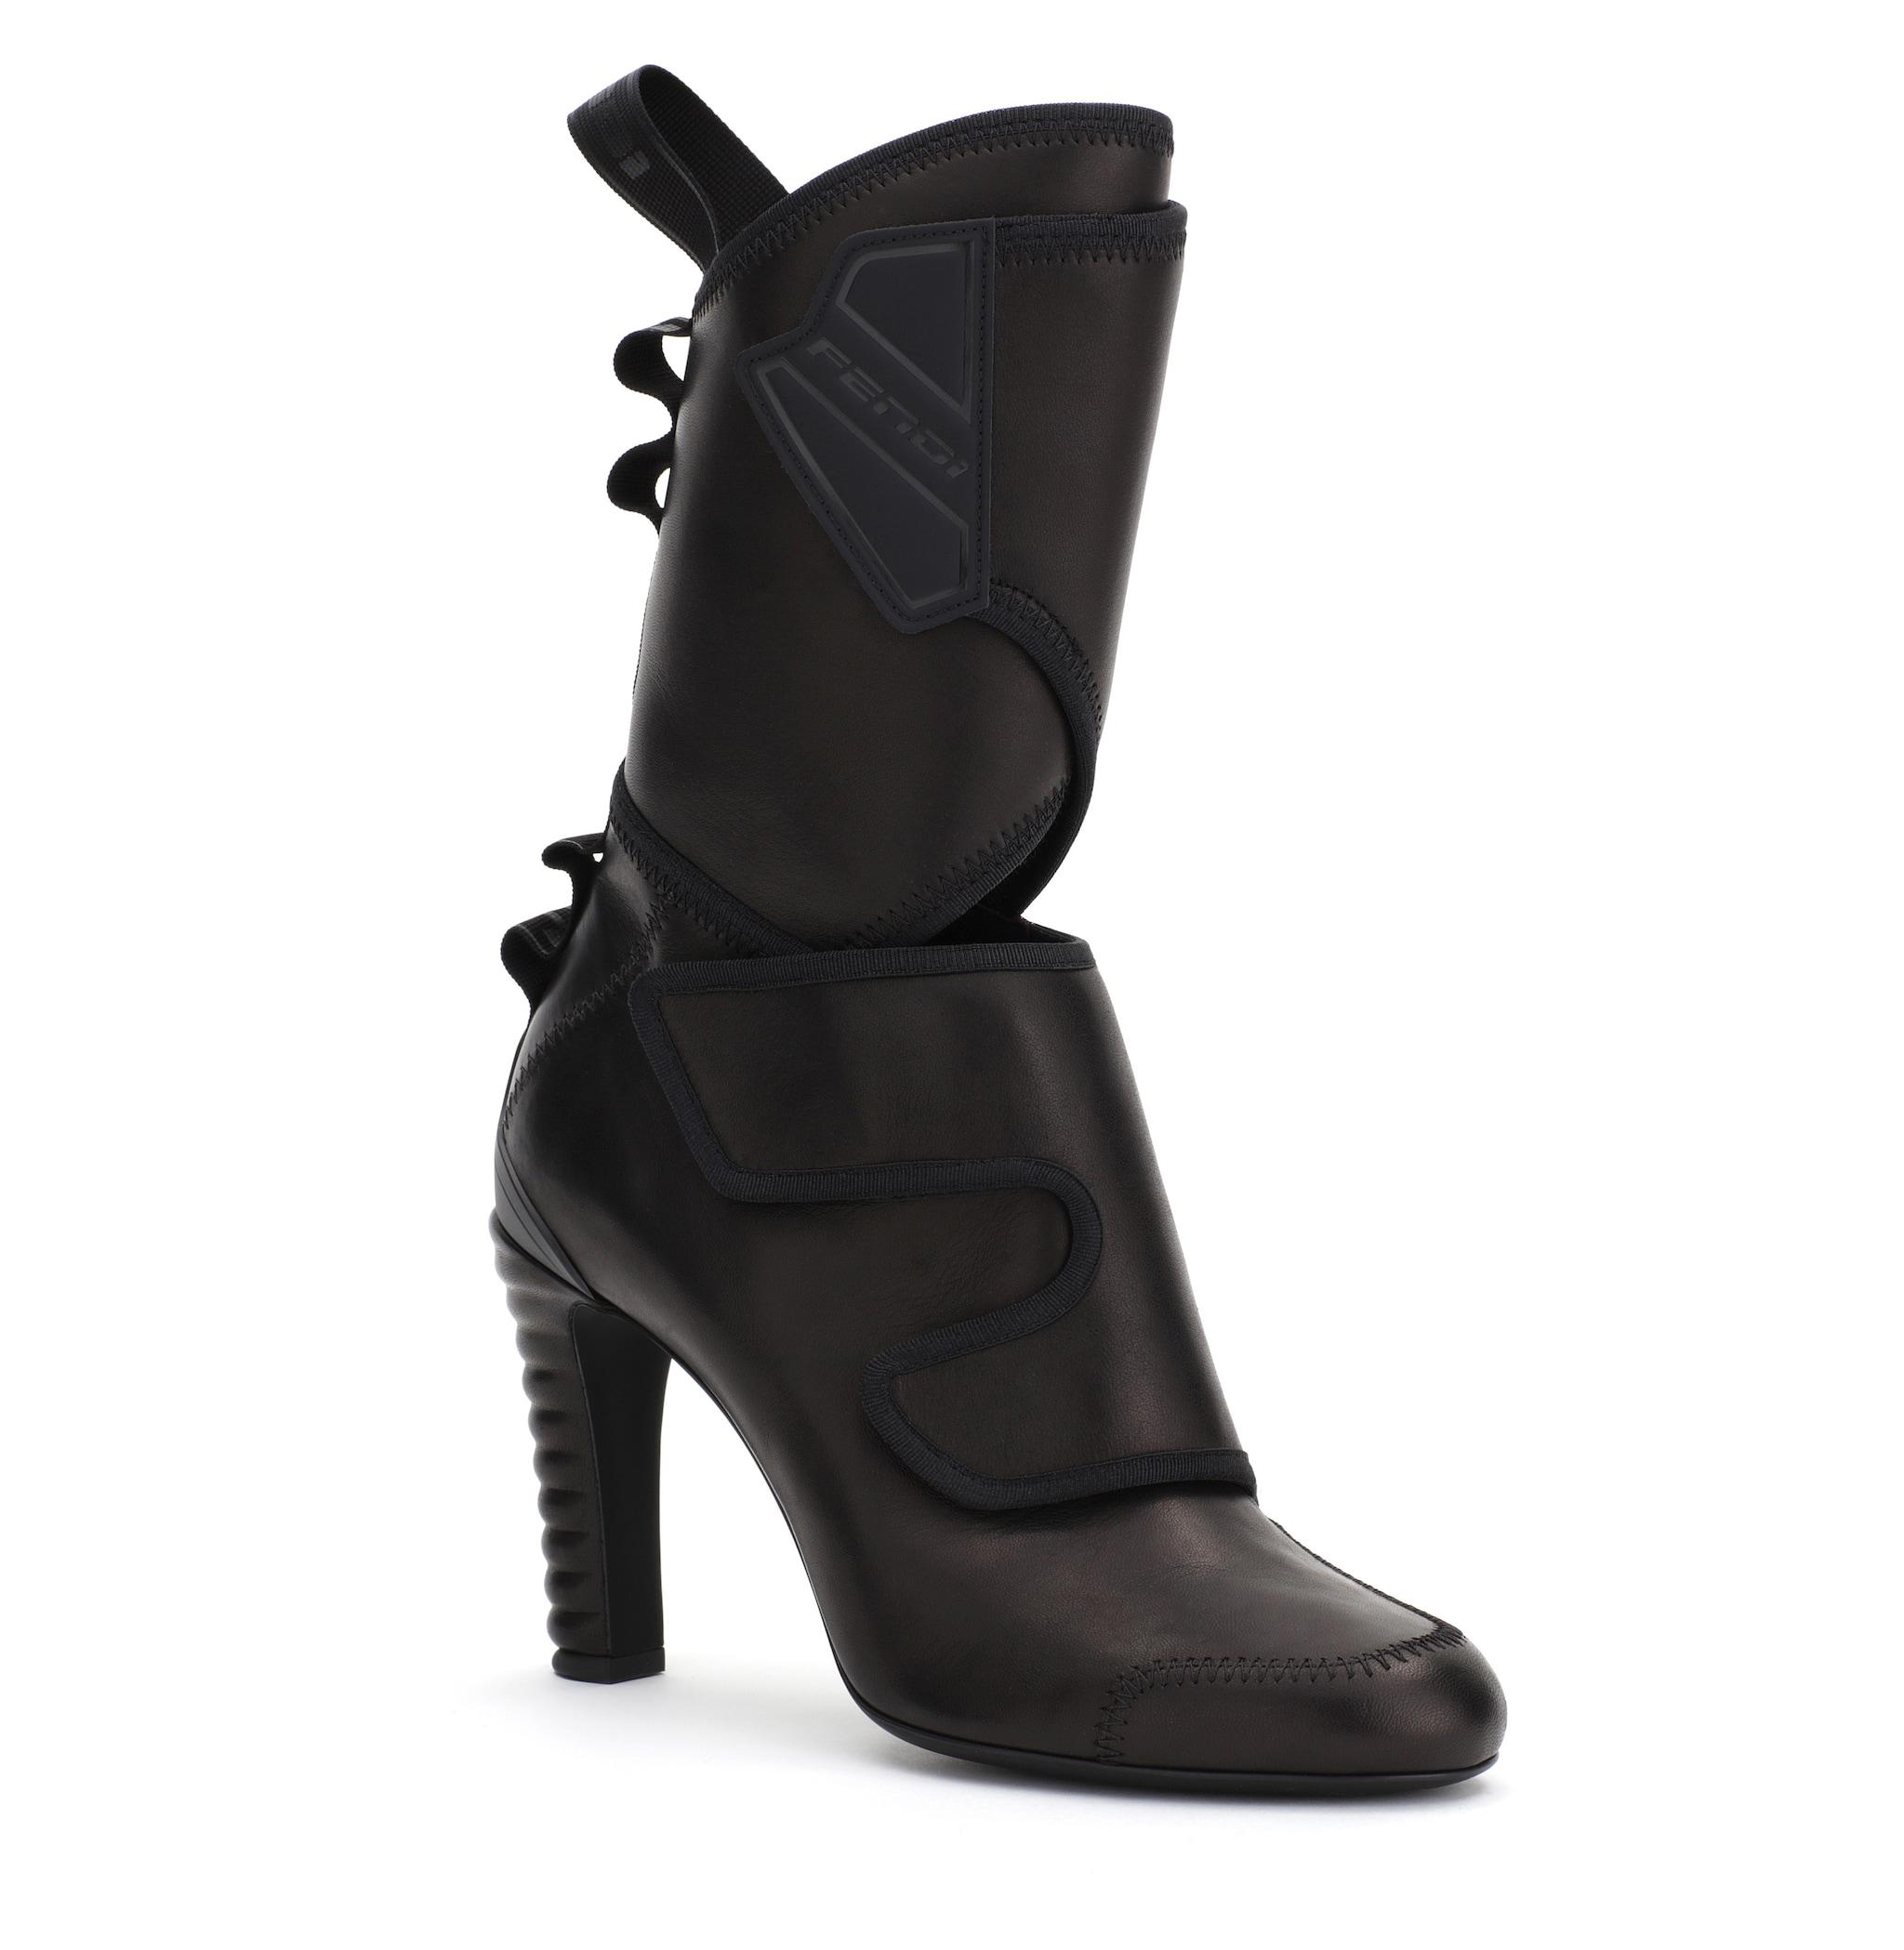 Ankle boot in pelle con chiusure a strappo, FENDI (980 euro)